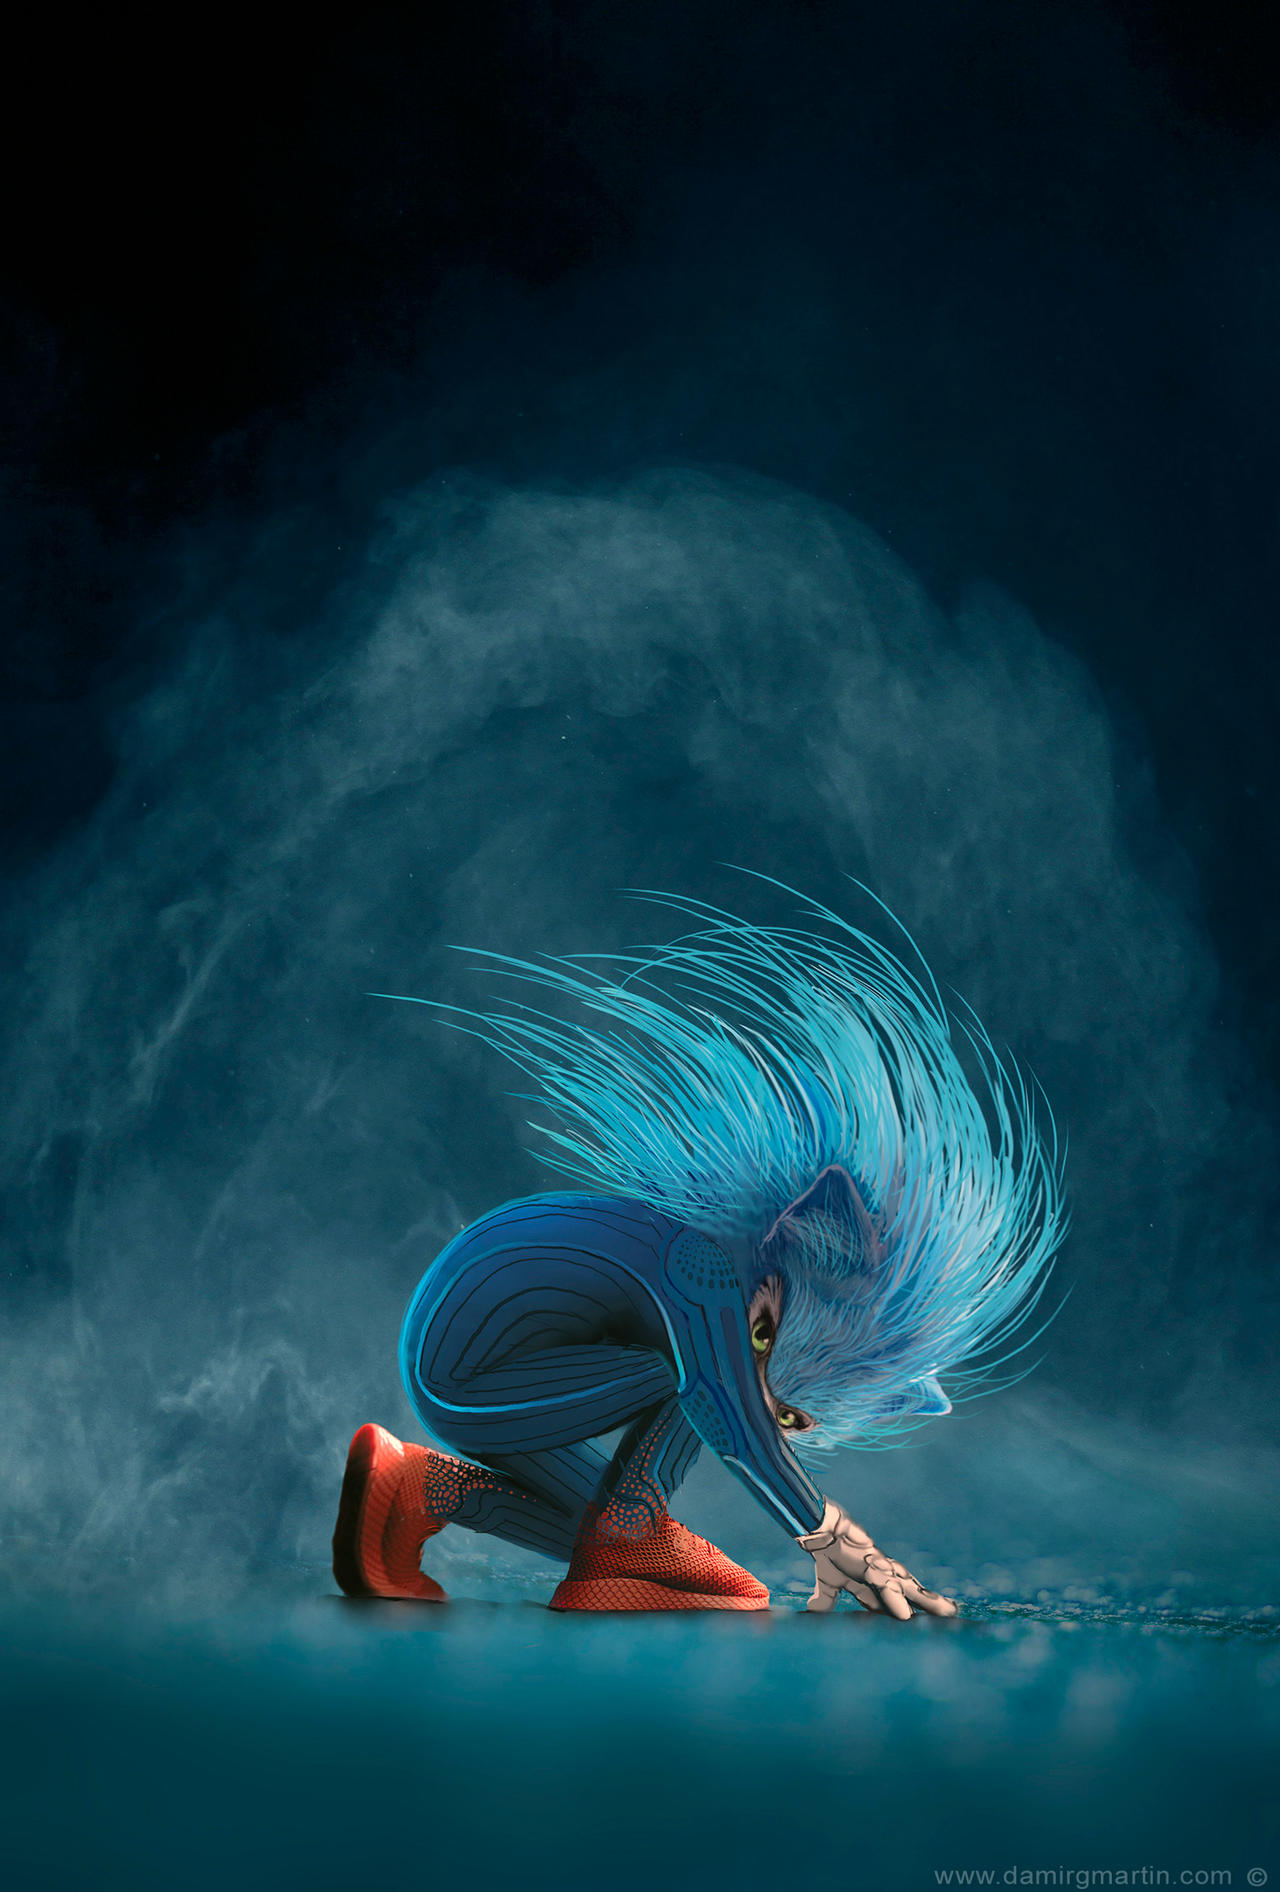 Sonic concept